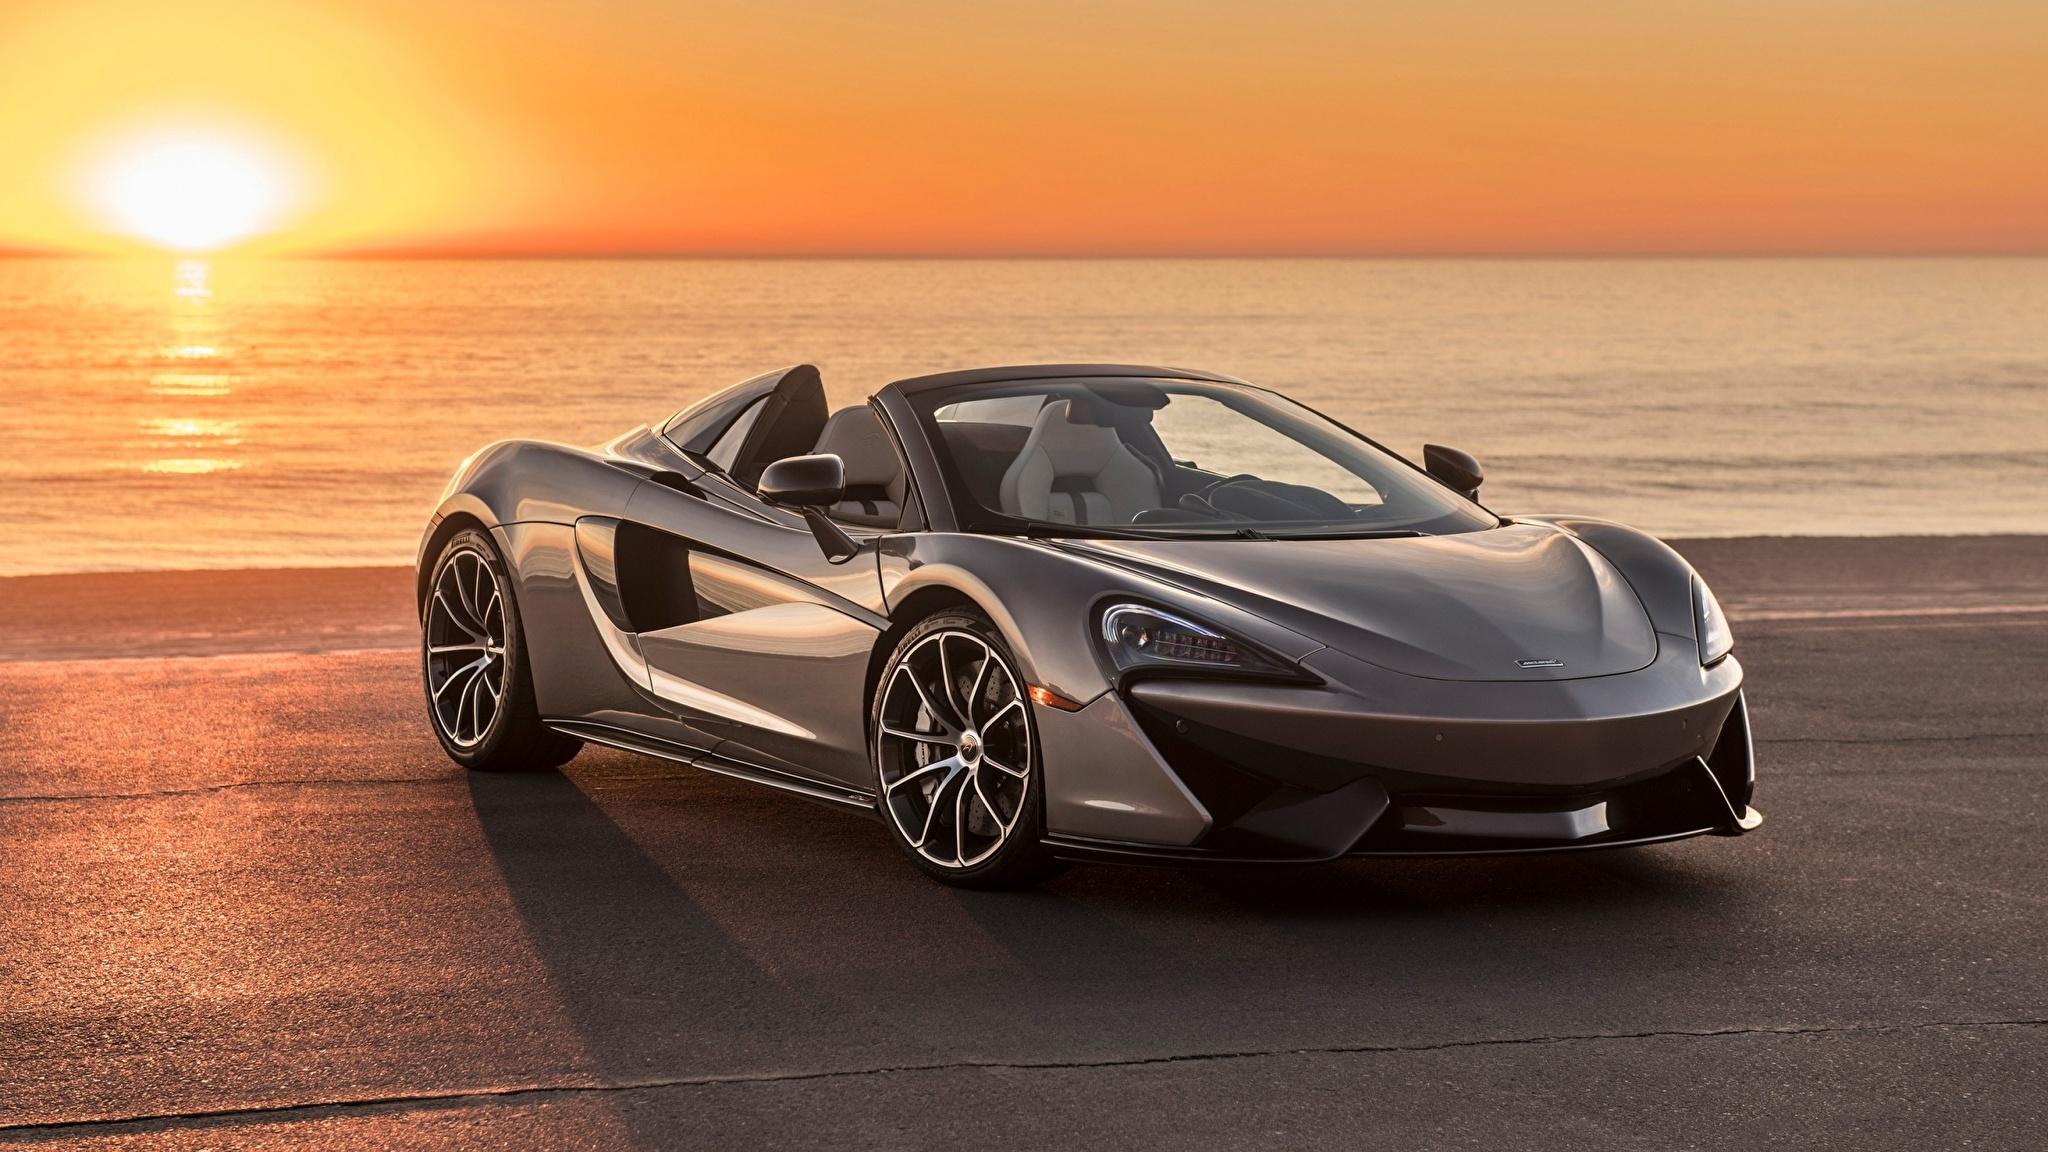 Фотография Макларен spider 570s Родстер Автомобили 2048x1152 McLaren Авто Машины